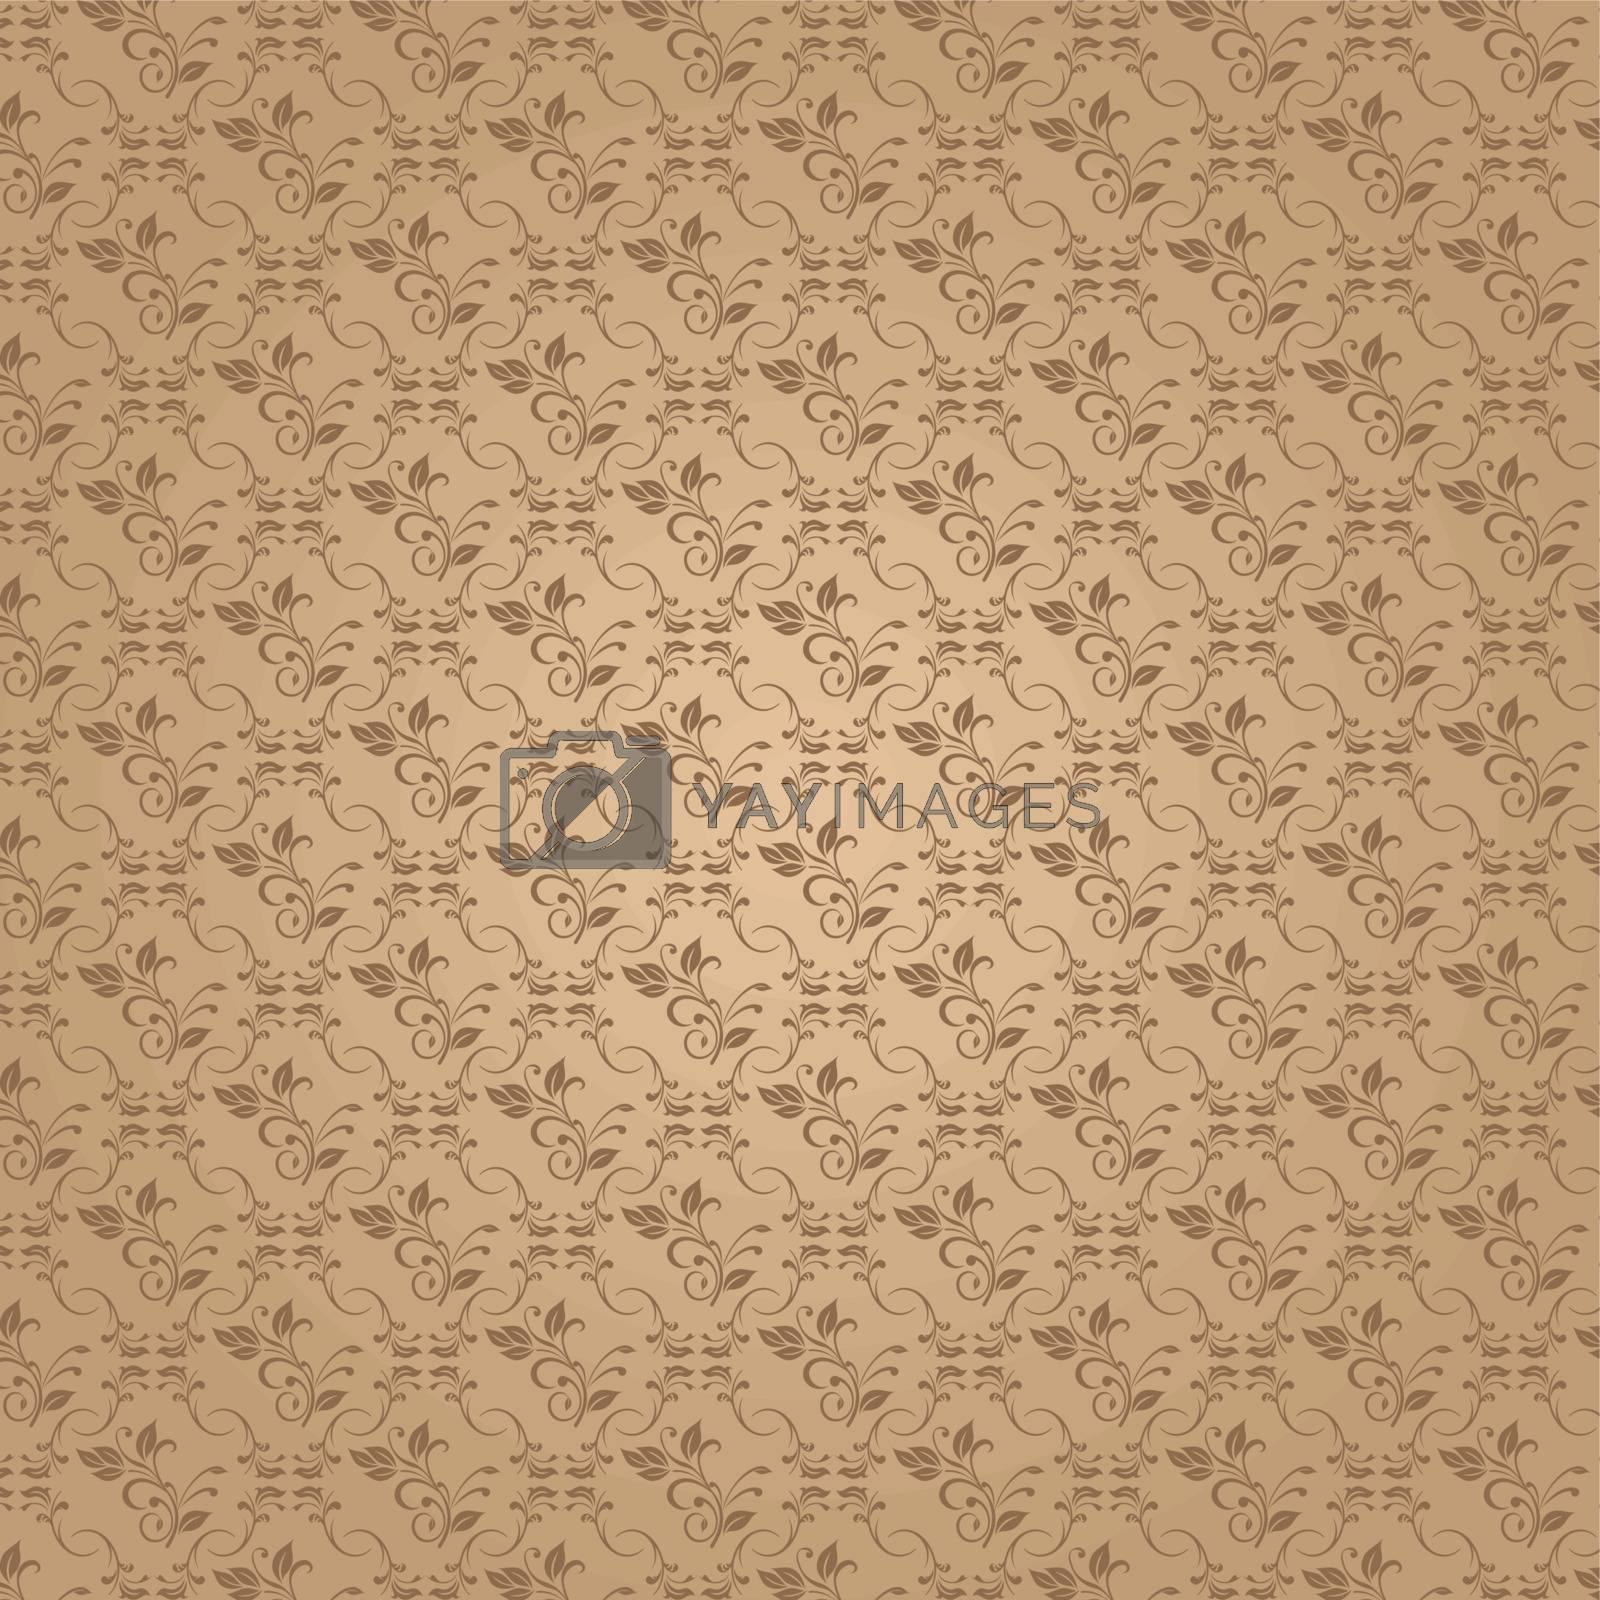 Vector illustration of floral background concept design